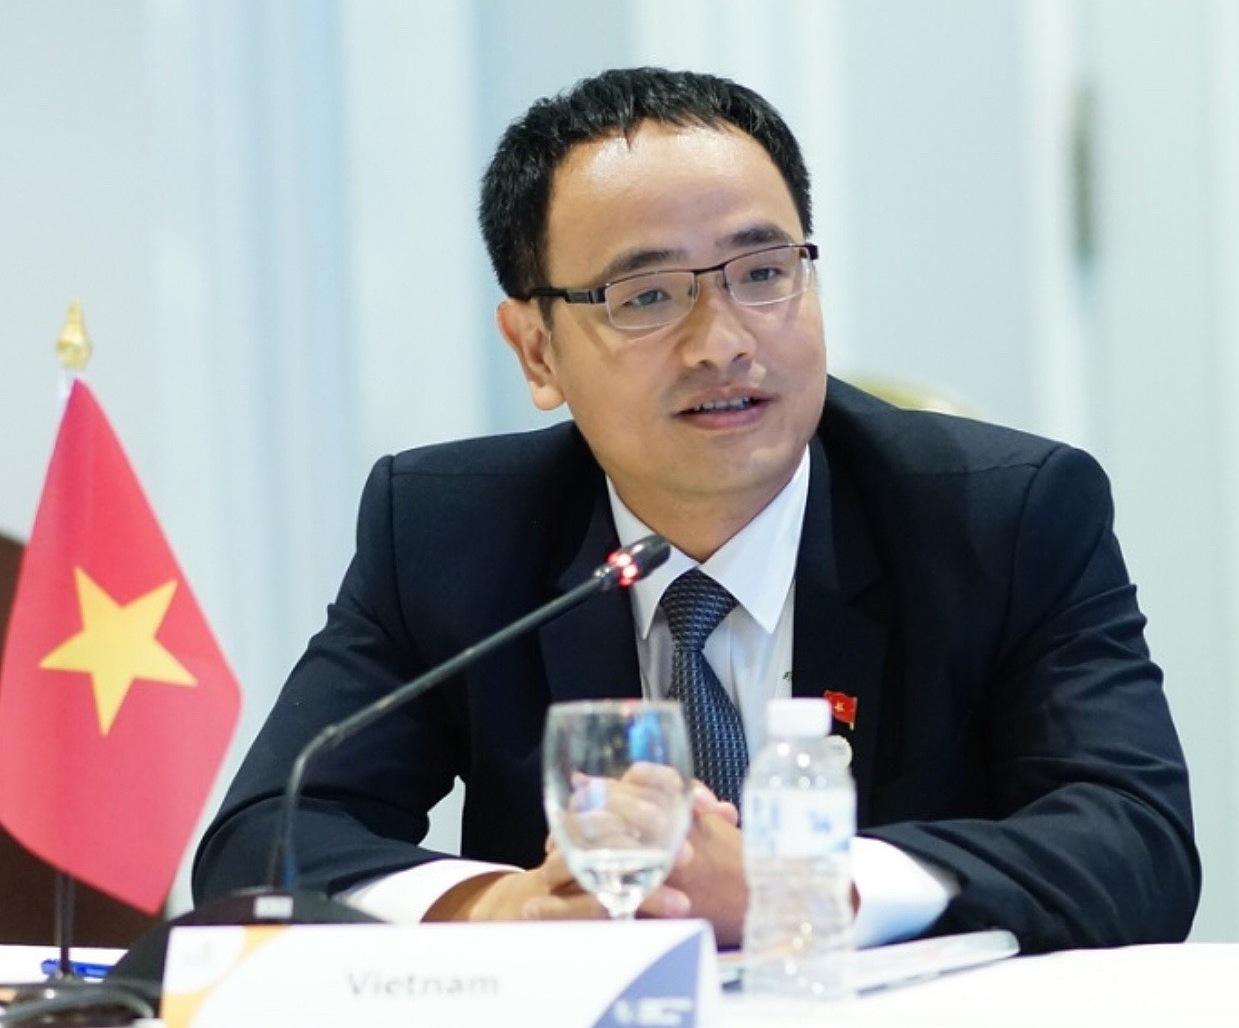 Ông Nguyễn Chí Trường, Vụ Trưởng Vụ kỹ năng nghề, Bộ Lao động Thuơng binh và Xã hội.